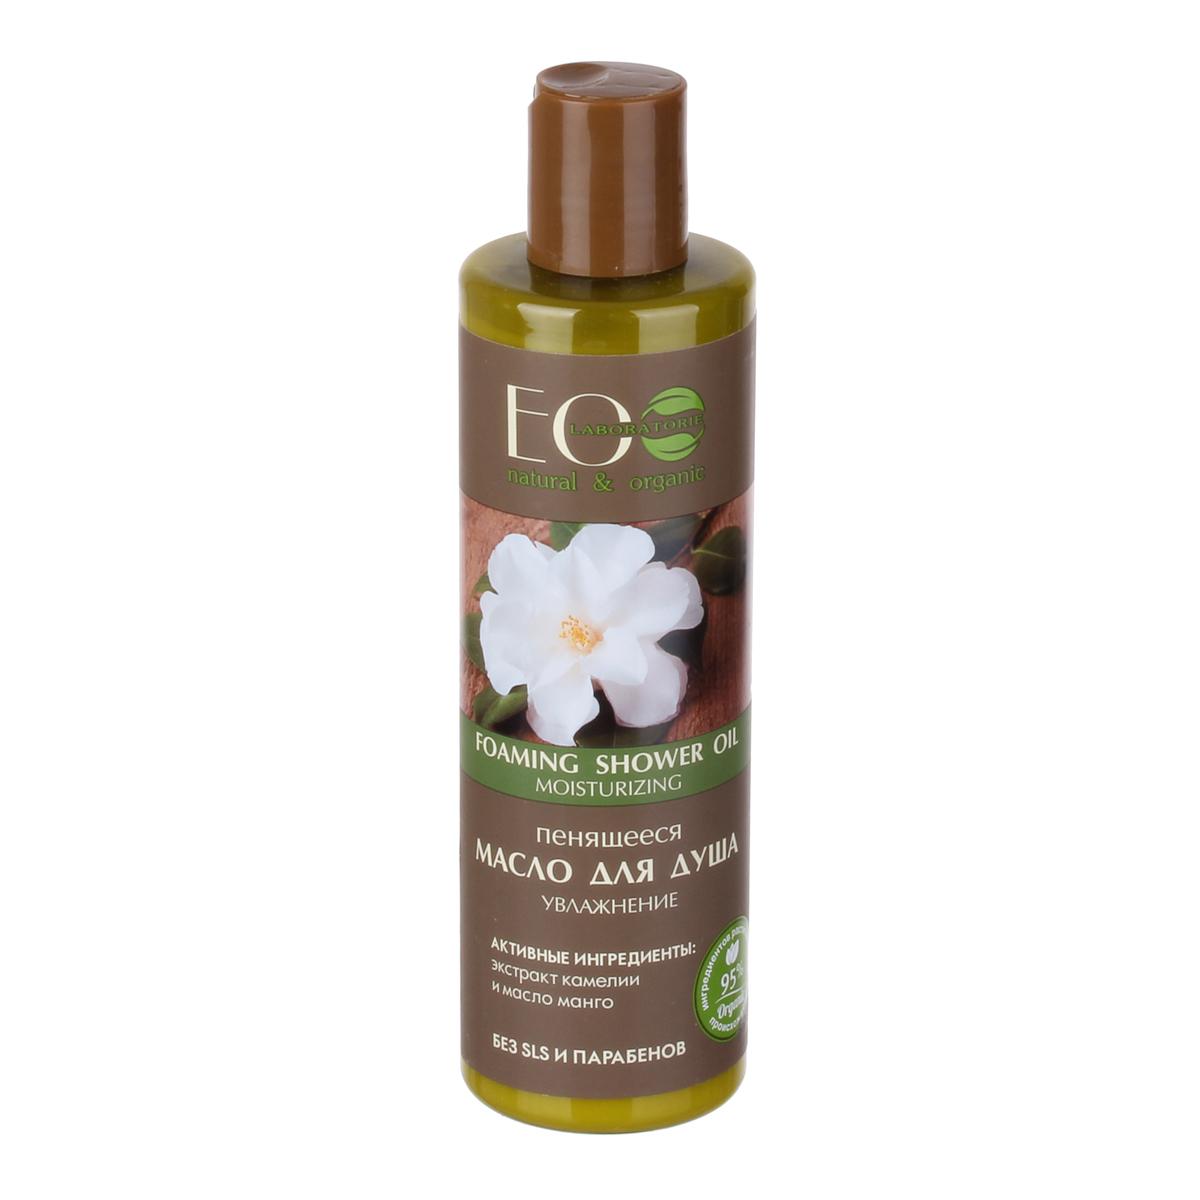 EO laboratorie Масло пенящееся для душа Увлажнение 250 мл4627089430748Прекрасно очищает, питает и увлажняет кожу. Защищает ее от вредного воздействия окружающей среды. Придает коже упругость и эластичность, а также бархатистость и мягкость. Активные ингредиенты: масло манго и экстракт камелии